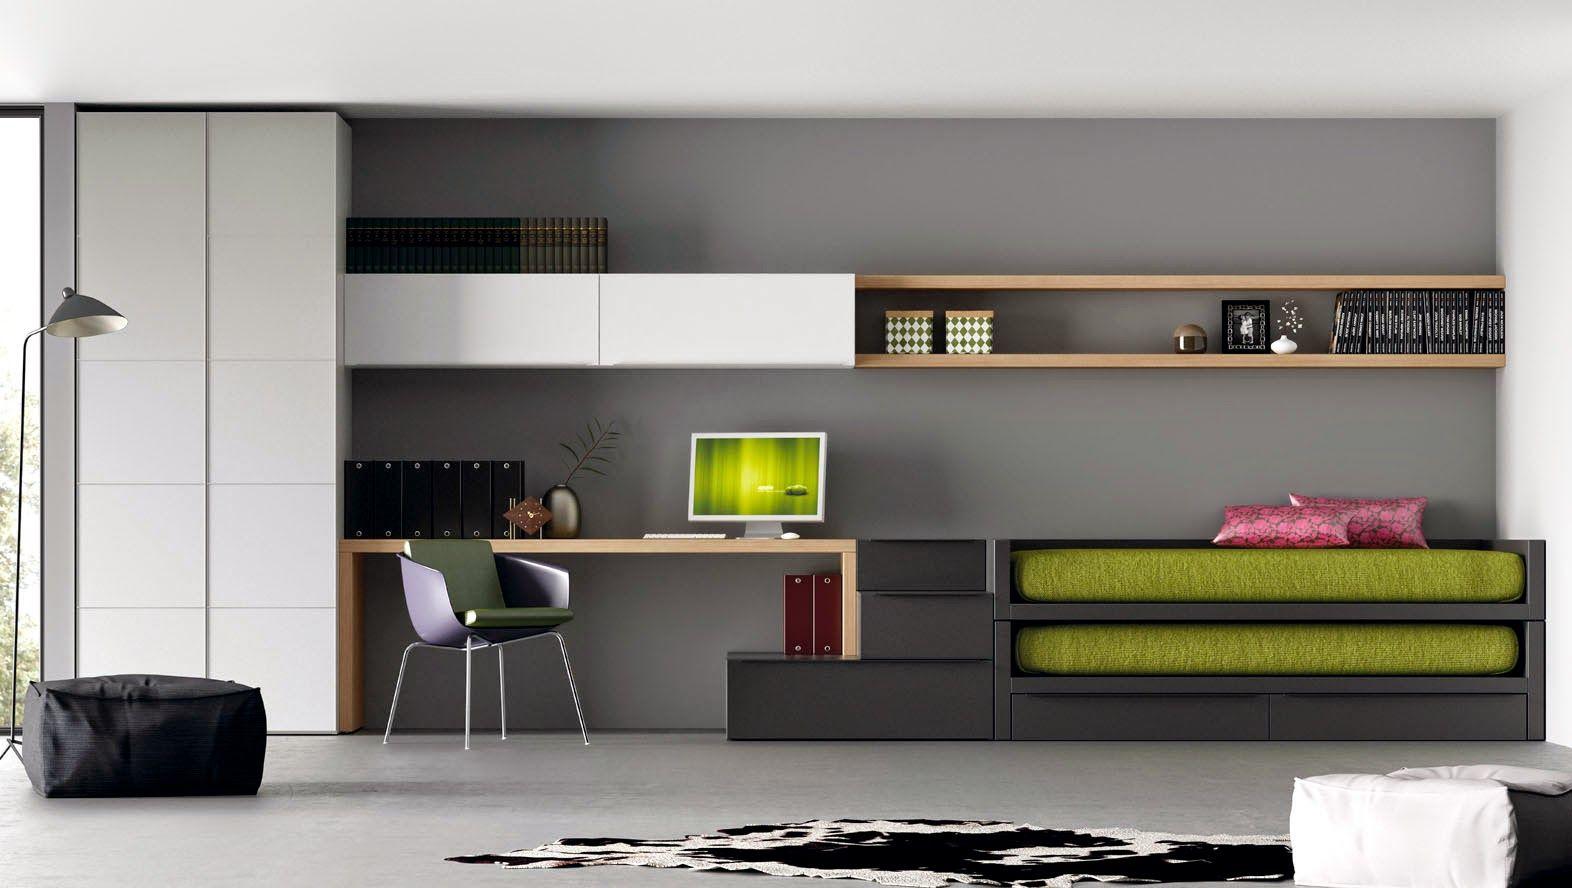 Dormitorio juvenil con cama compacto gris dormitorios en for Muebles pepe jesus dormitorios juveniles